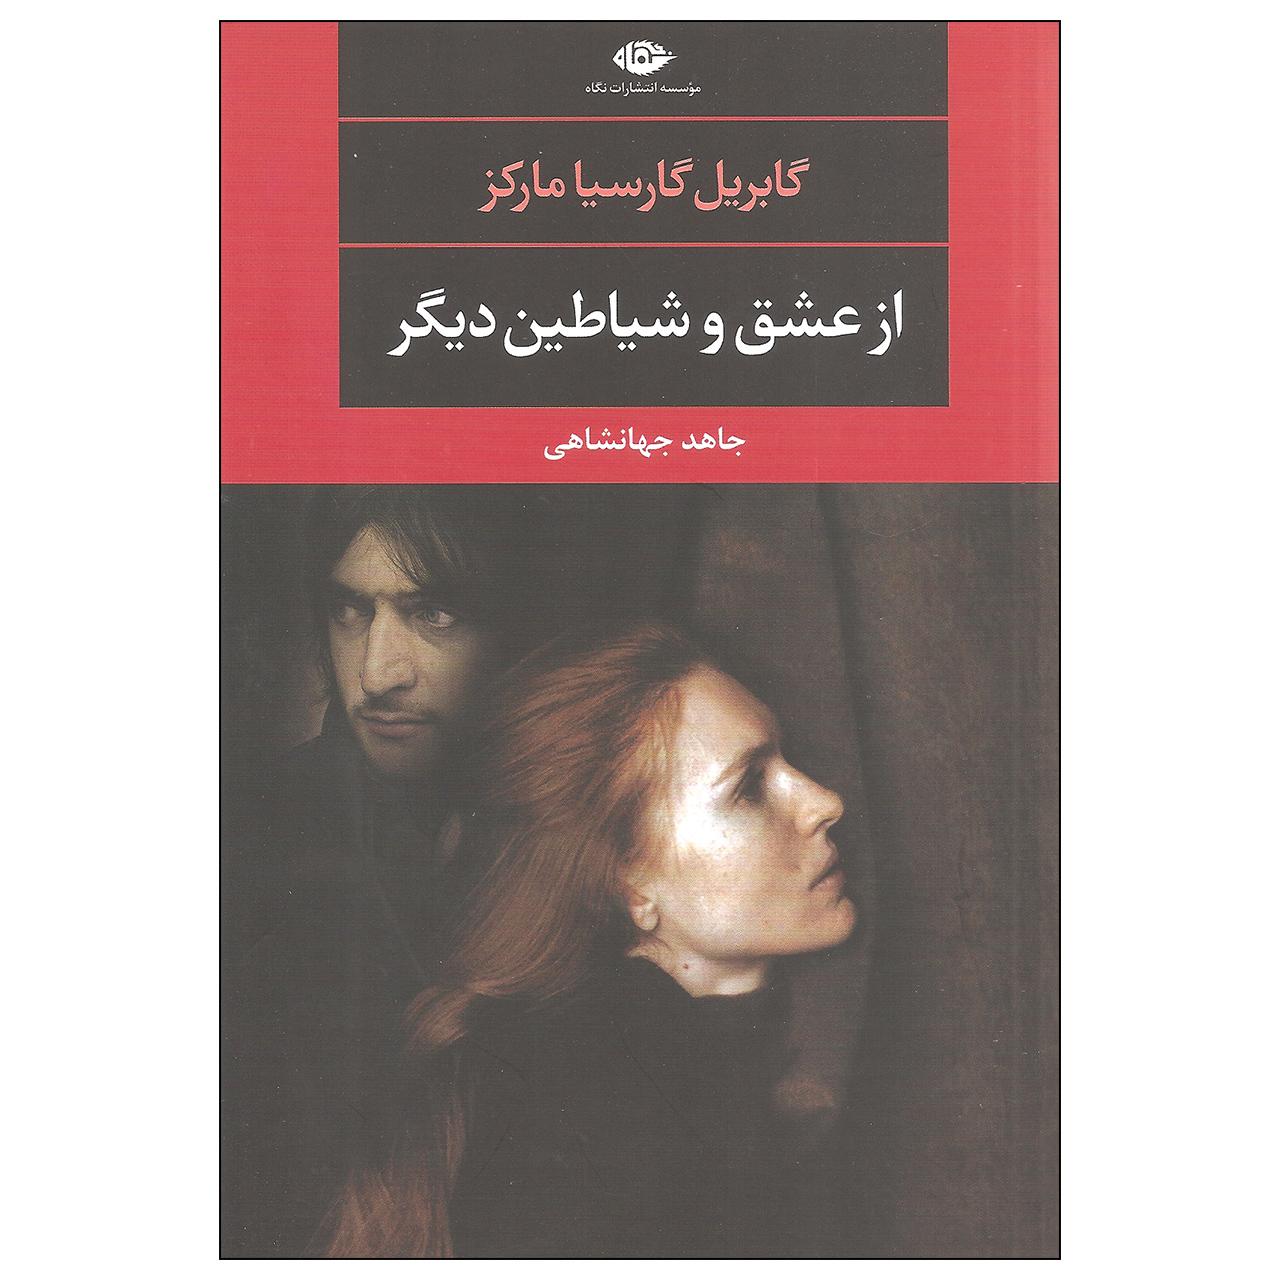 کتاب از عشق و شیاطین دیگر اثر گابریل گارسیا مارکز نشر نگاه